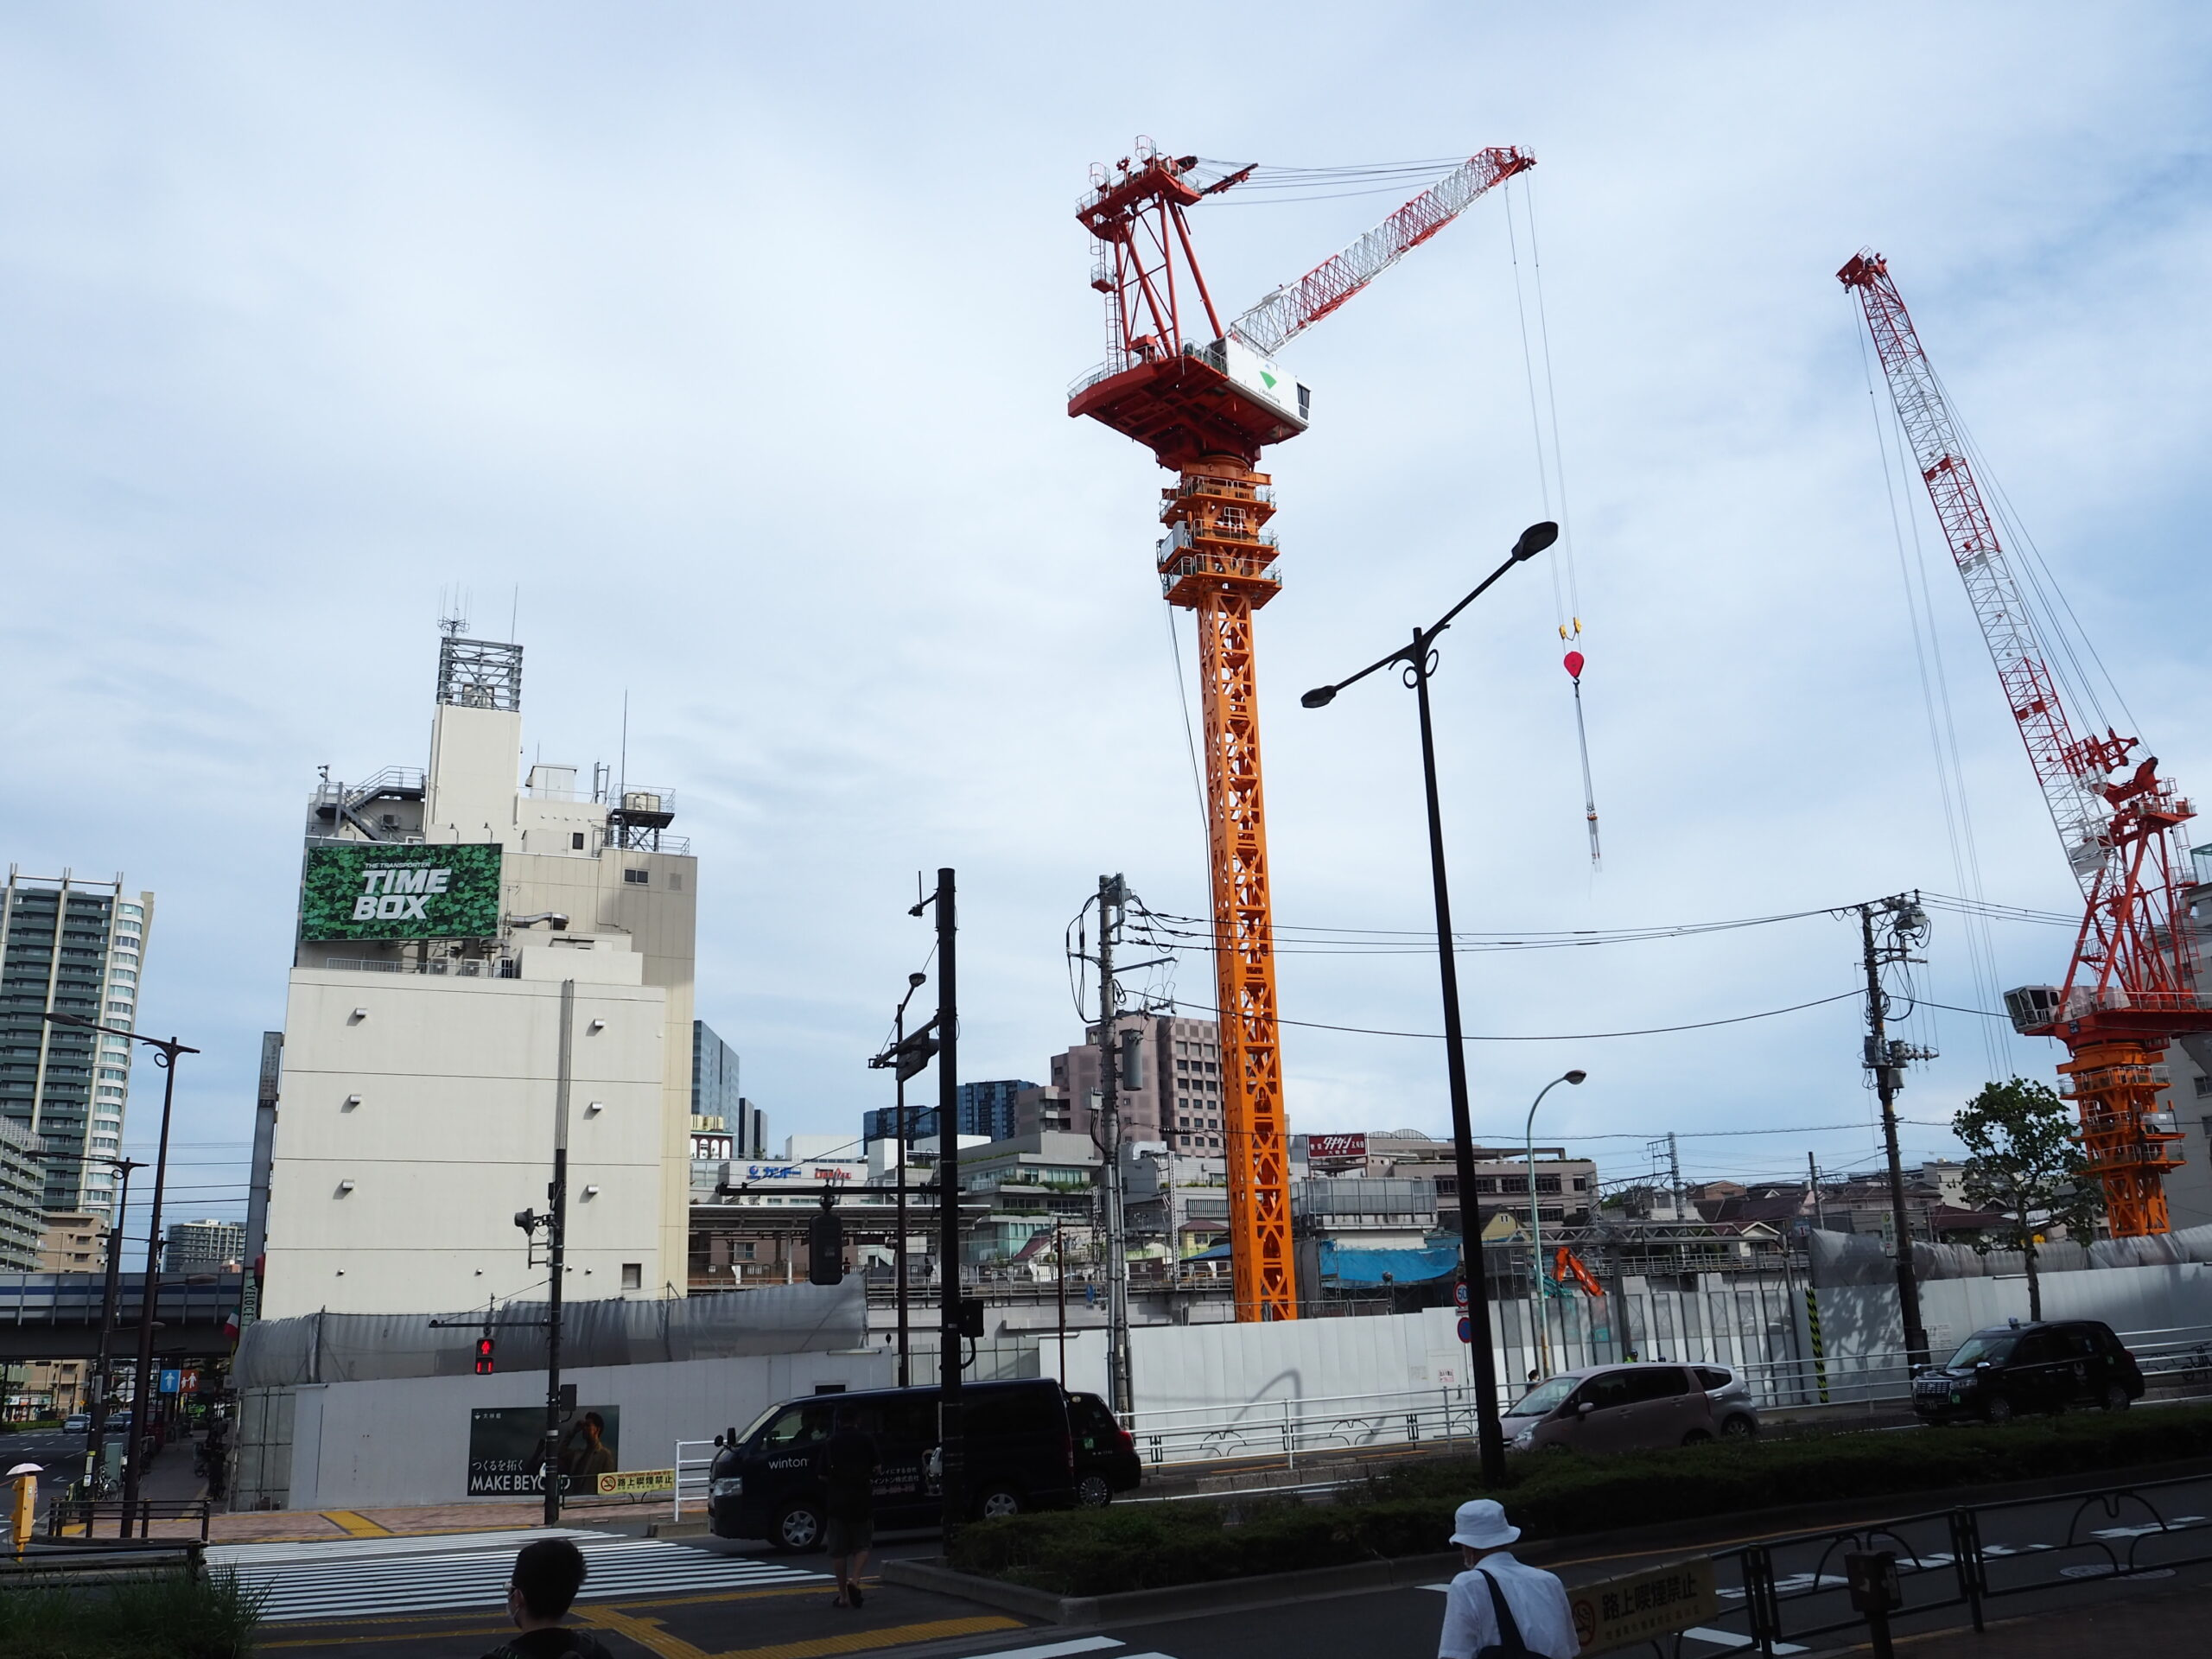 東京・西五反田で2つの大規模開発計画が進行中ー旧ゆうぽうと跡地はオフィス&星野リゾートのホテル、TOCは商業&オフィスにー